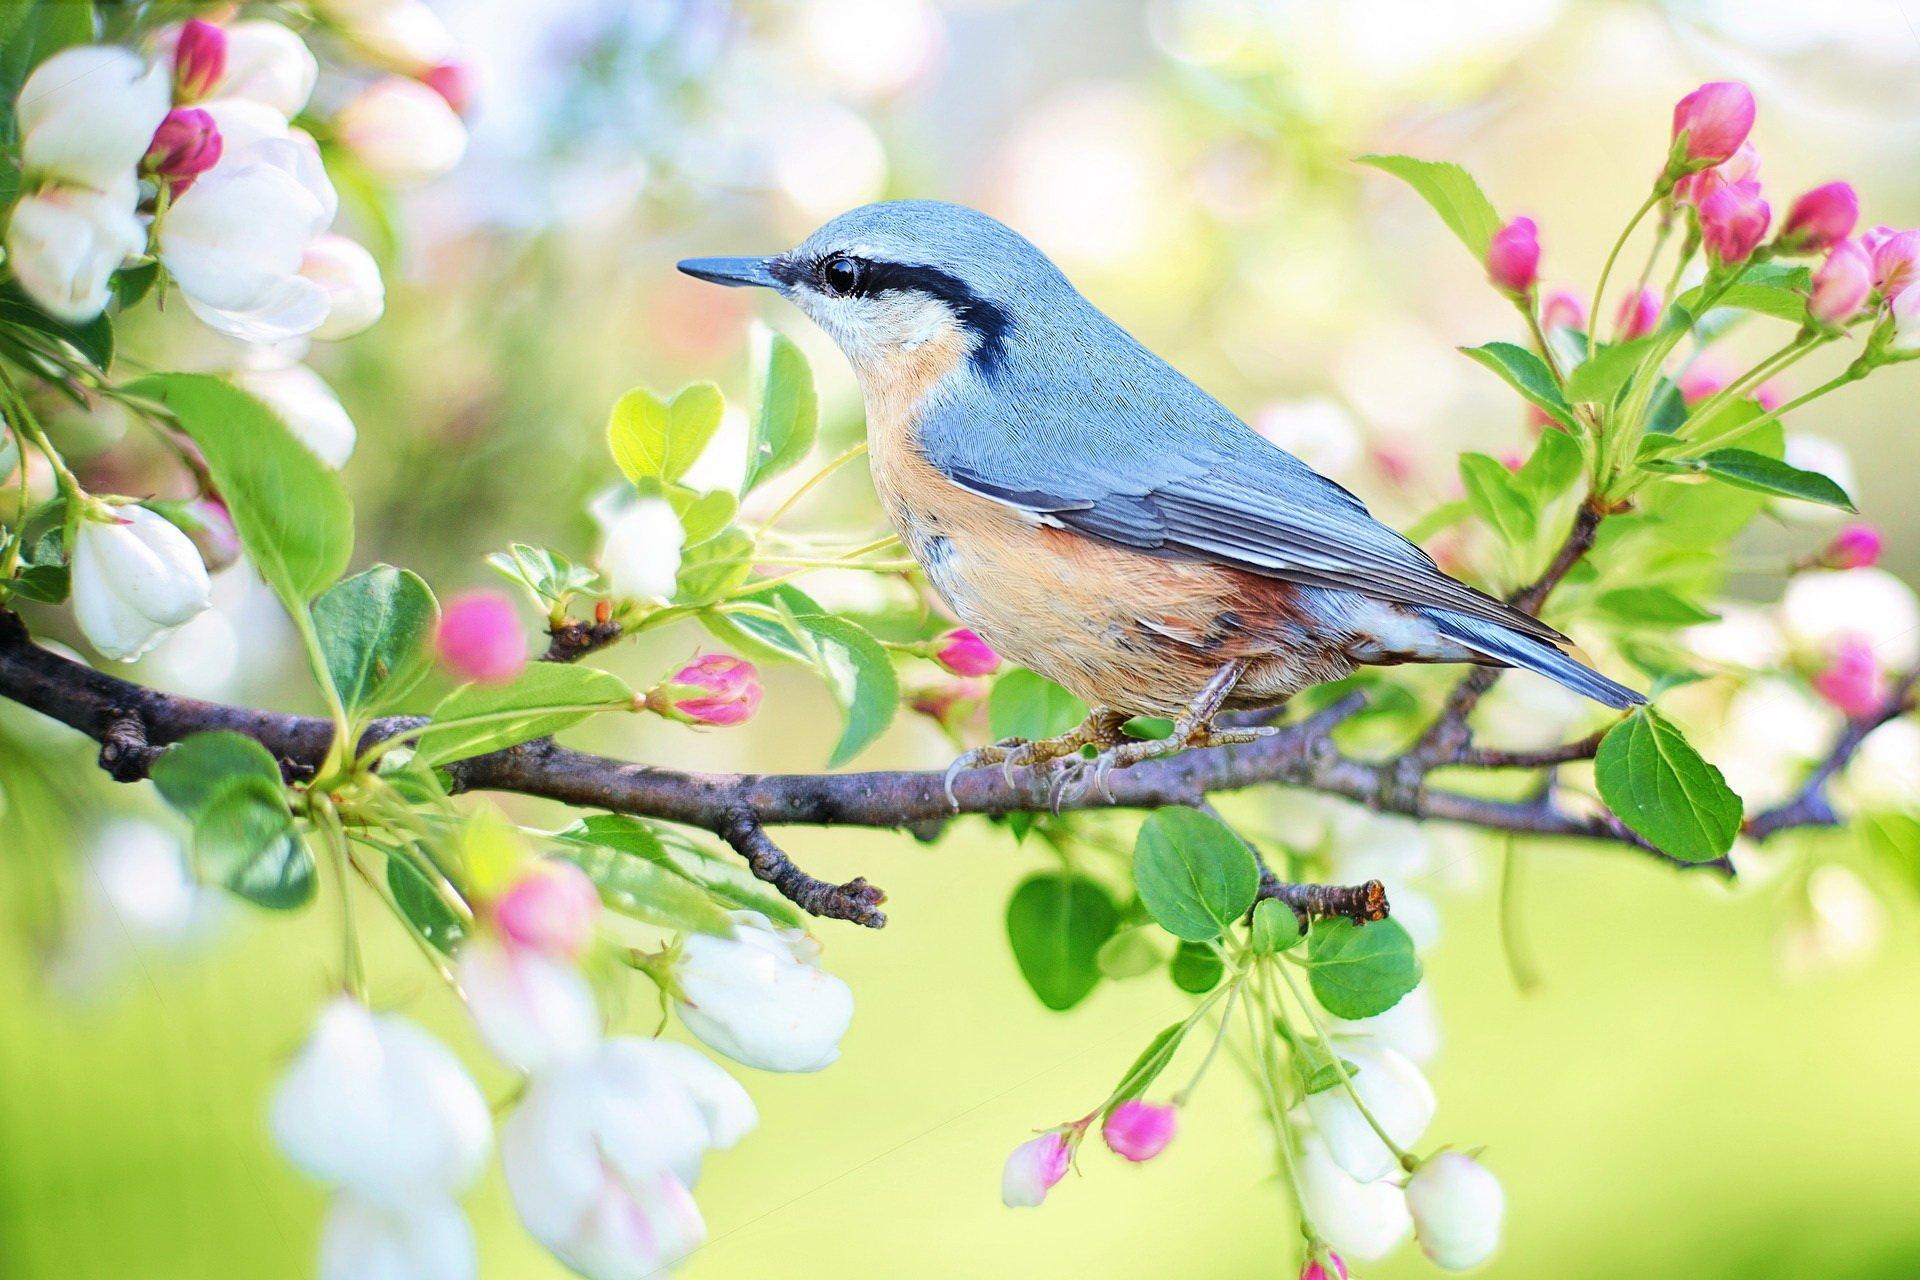 Wiosna Radosna Wierszyk Dla Dzieci Na Powitanie Wiosny